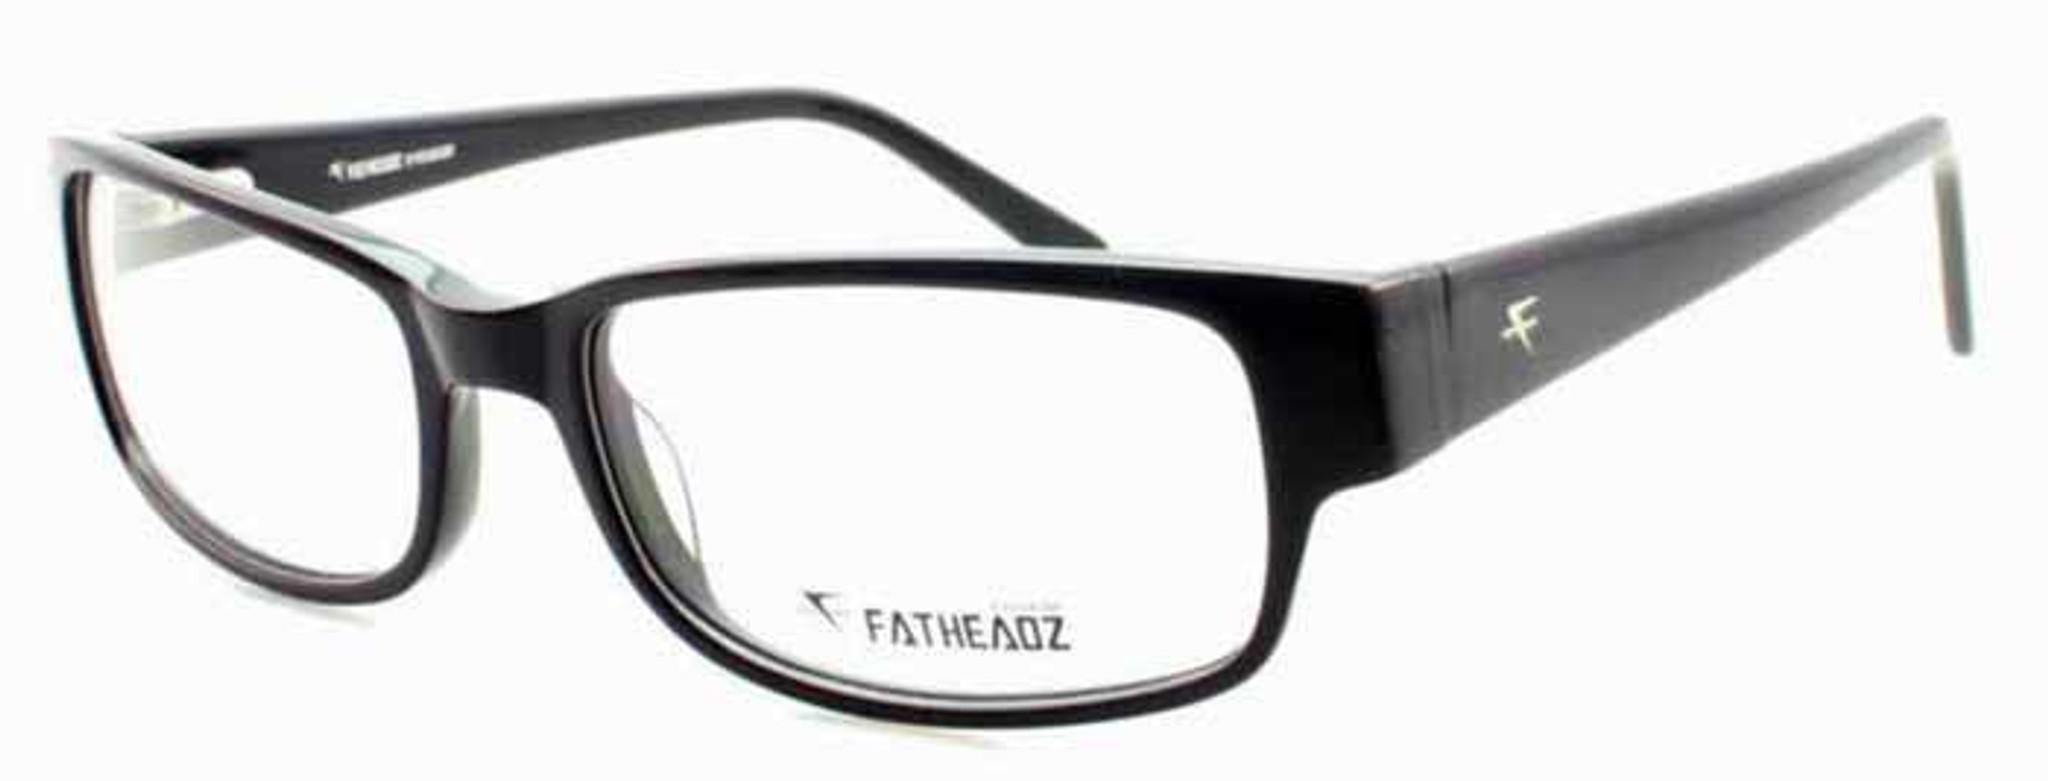 e33509bbbf7 Jaxsonian Extra Wide Men s Glasses